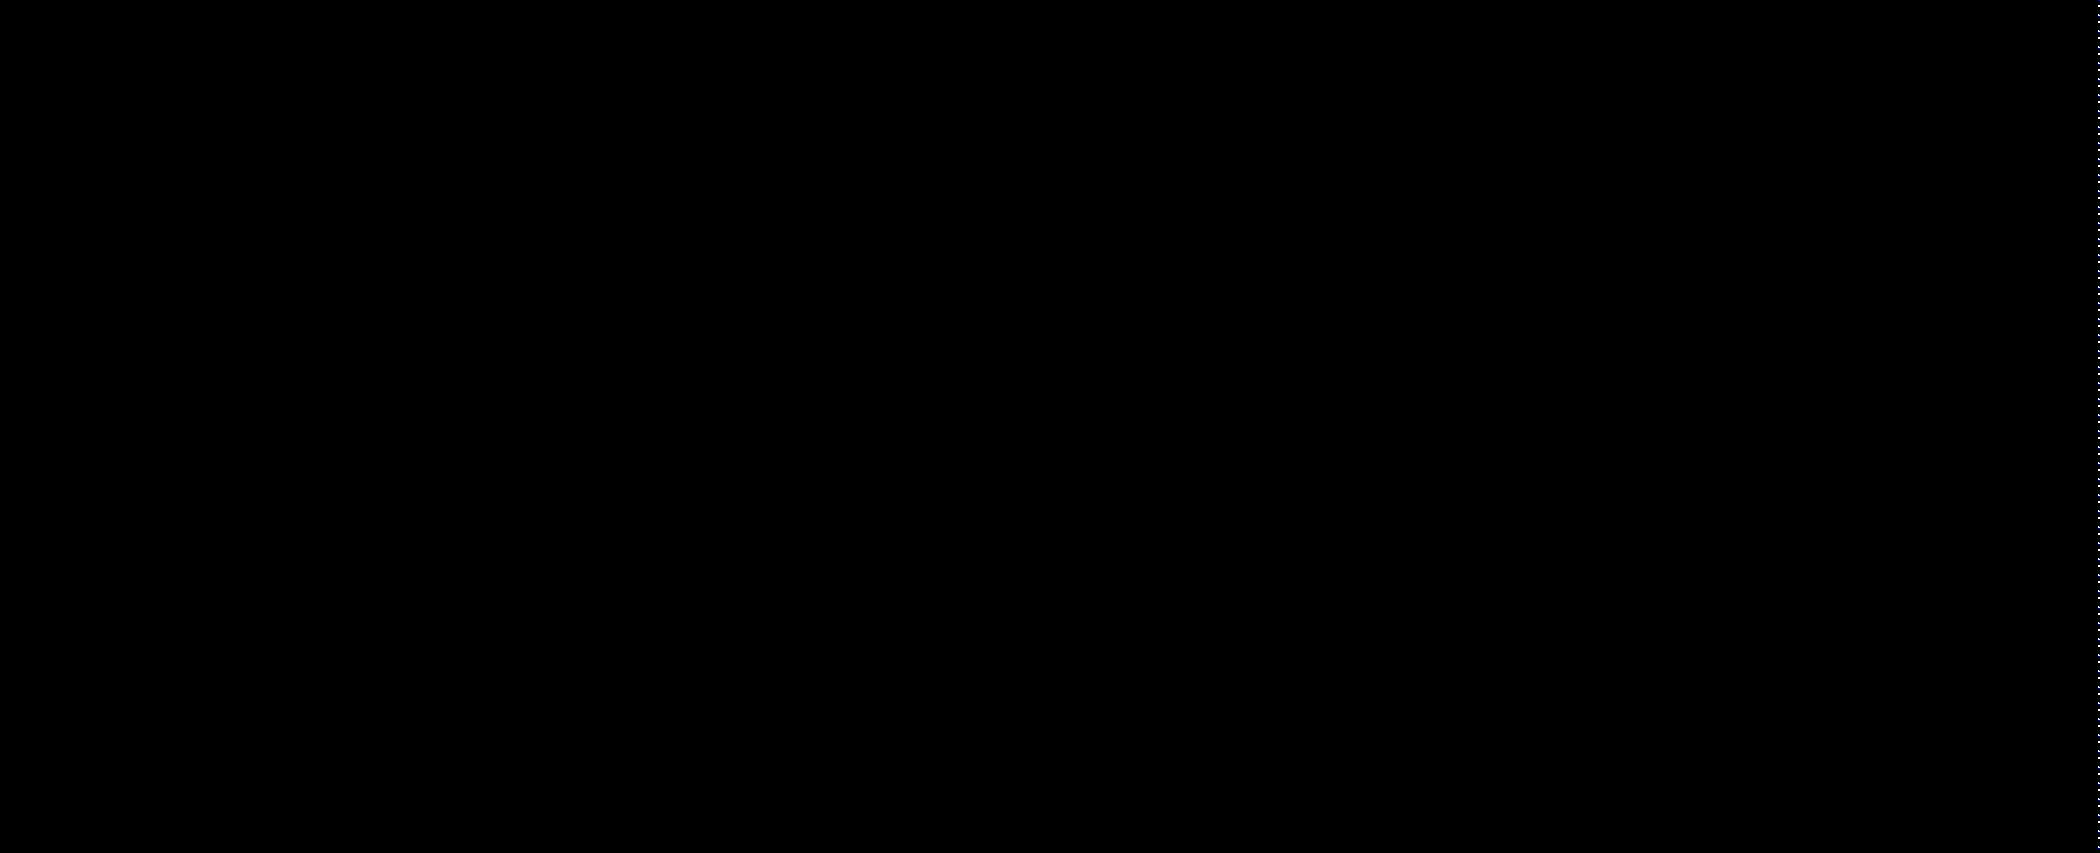 vans logo 1 - Vans Logo - Vans Skate Logo